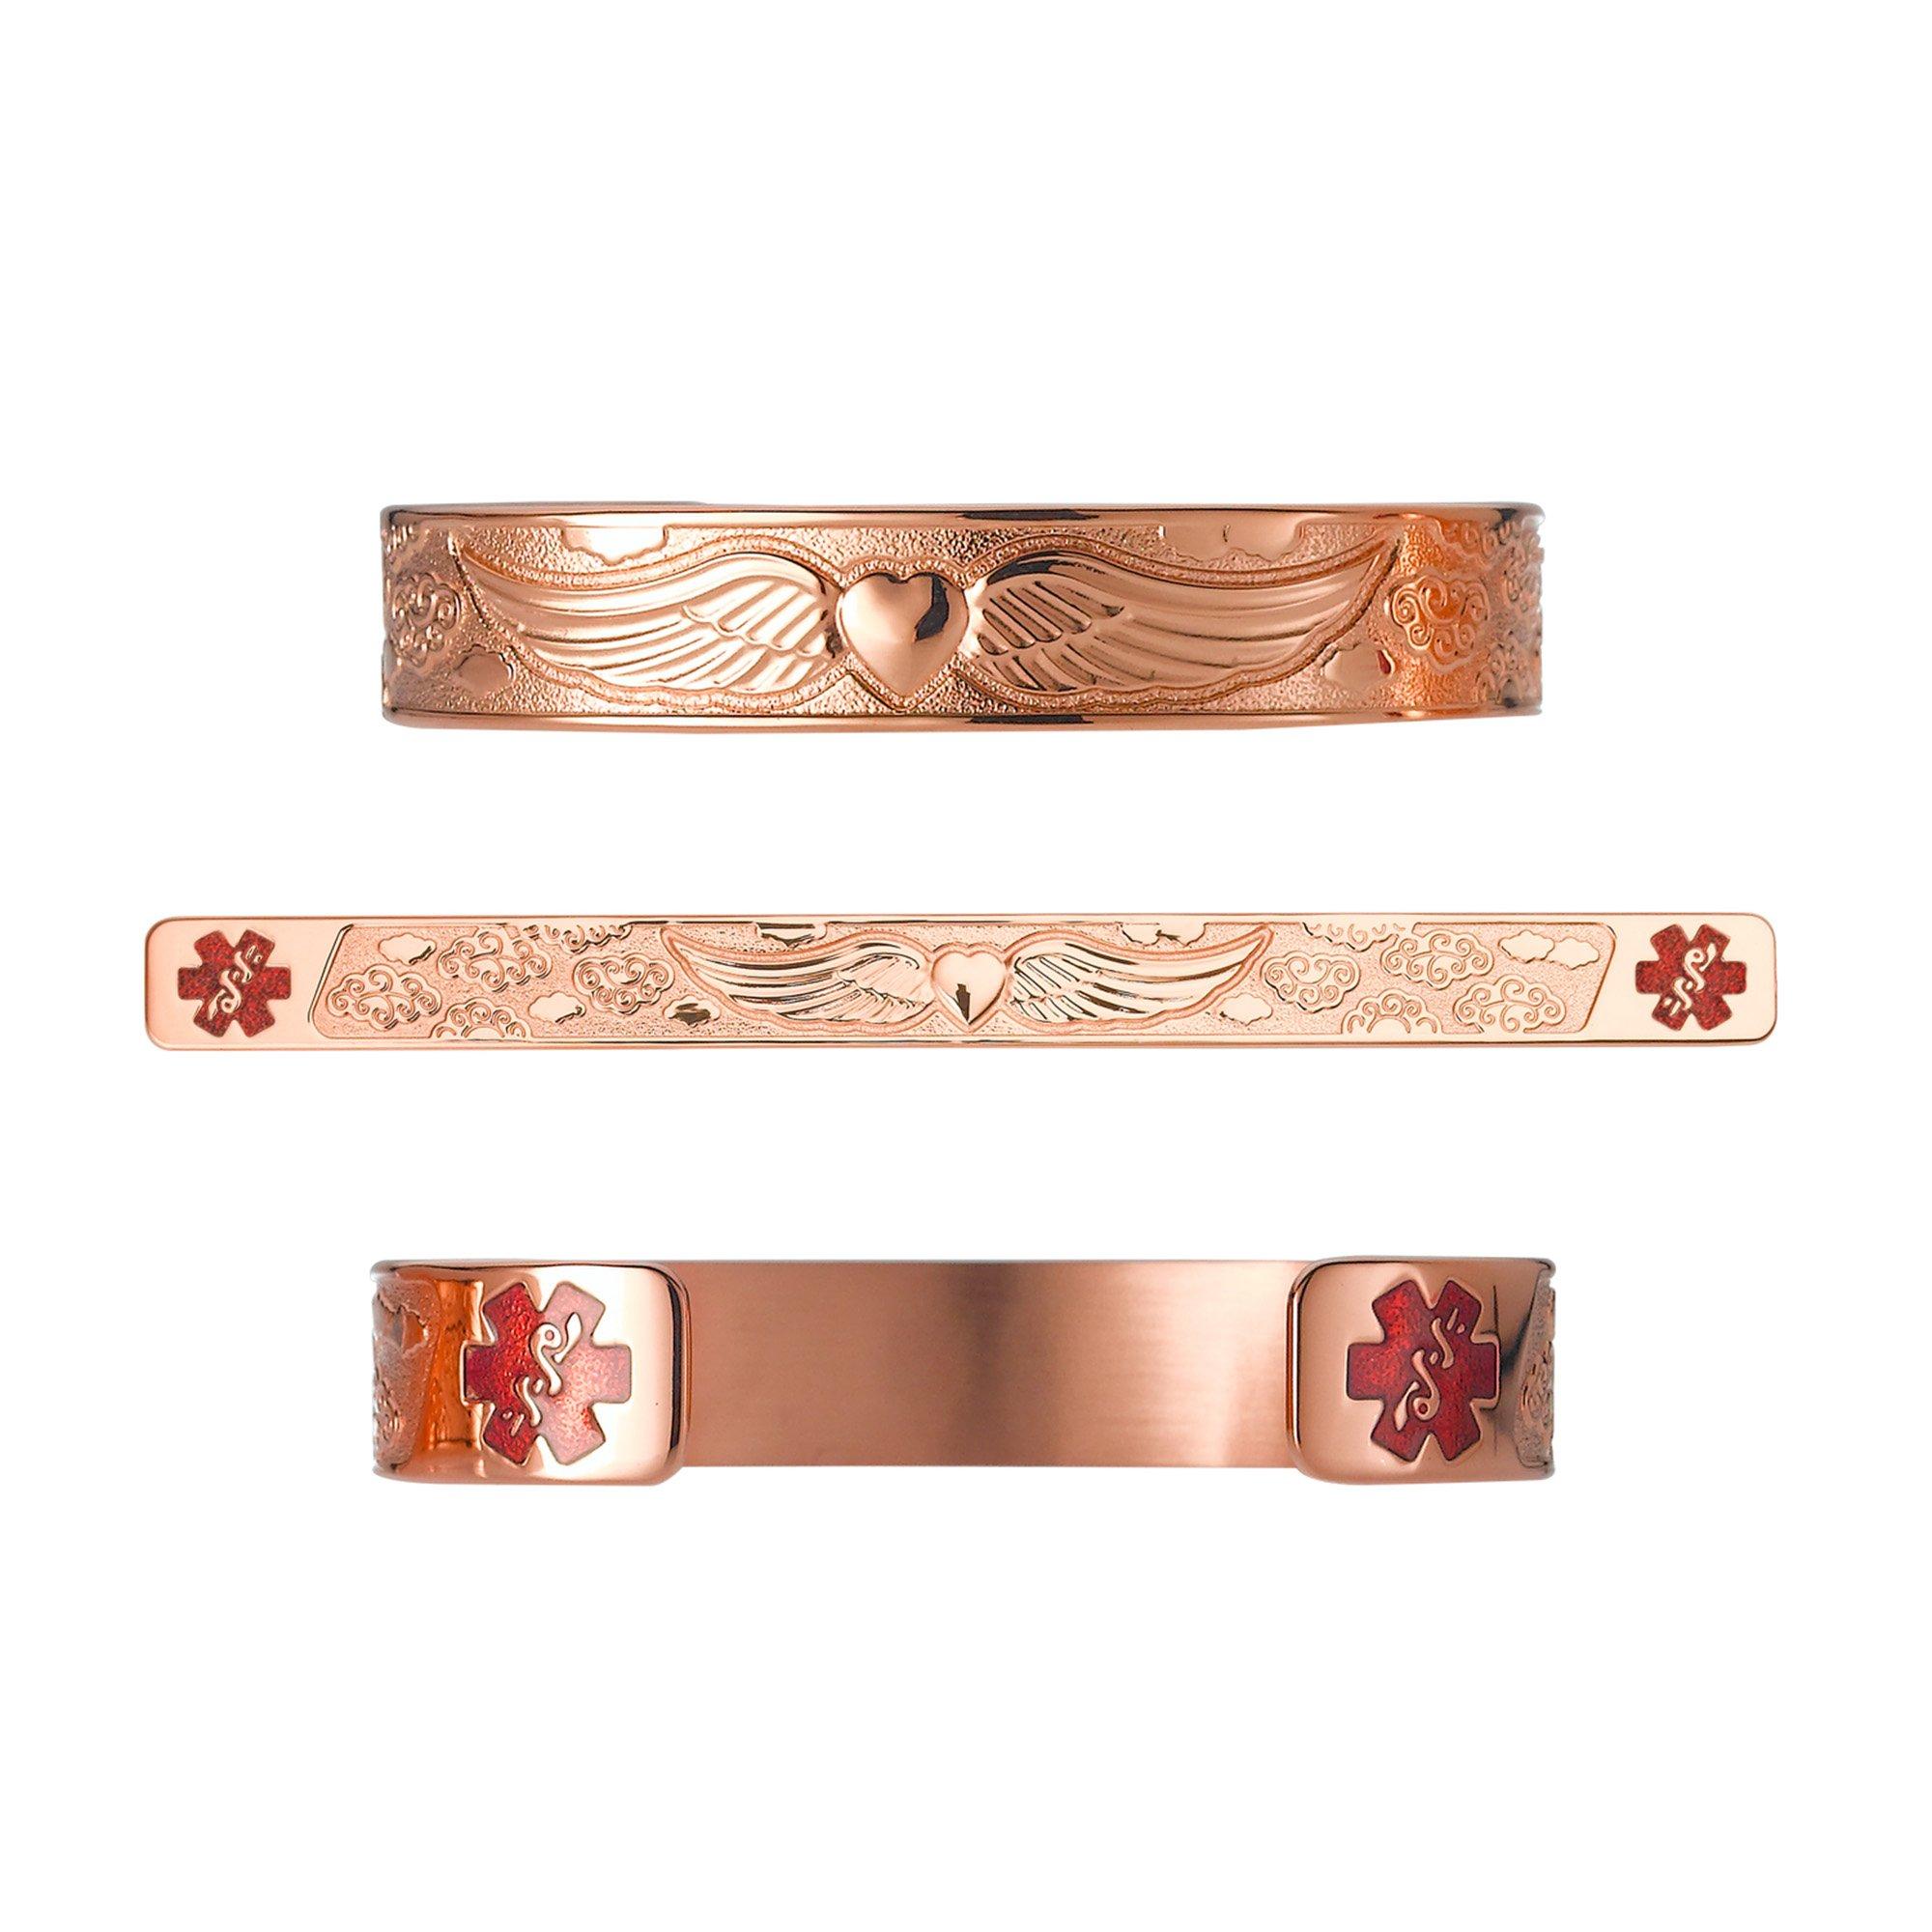 Divoti Deep Custom Laser Engraved Angel Wing PVD Rose Gold 316L Medical Alert Bracelet - 6'' Cuff (fits 6.5-8.0'')-TP Red